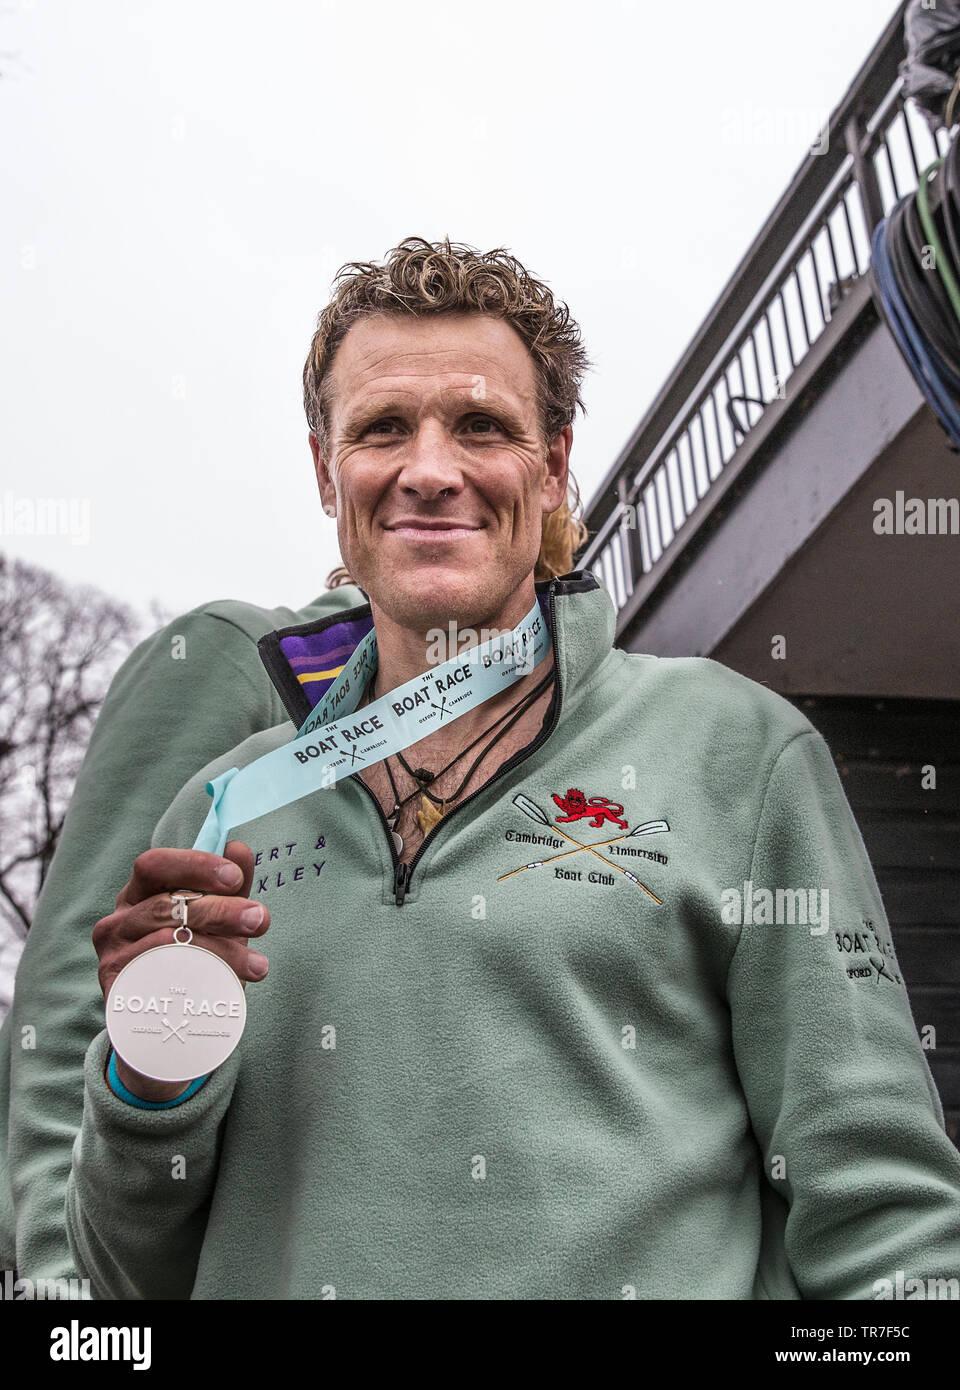 Oro olimpico-winning rower James Cracknell tenendo la sua Cambridge v Oxford University Boat Race vincitori medaglia, Chiswick Bridge, London, Regno Unito Immagini Stock